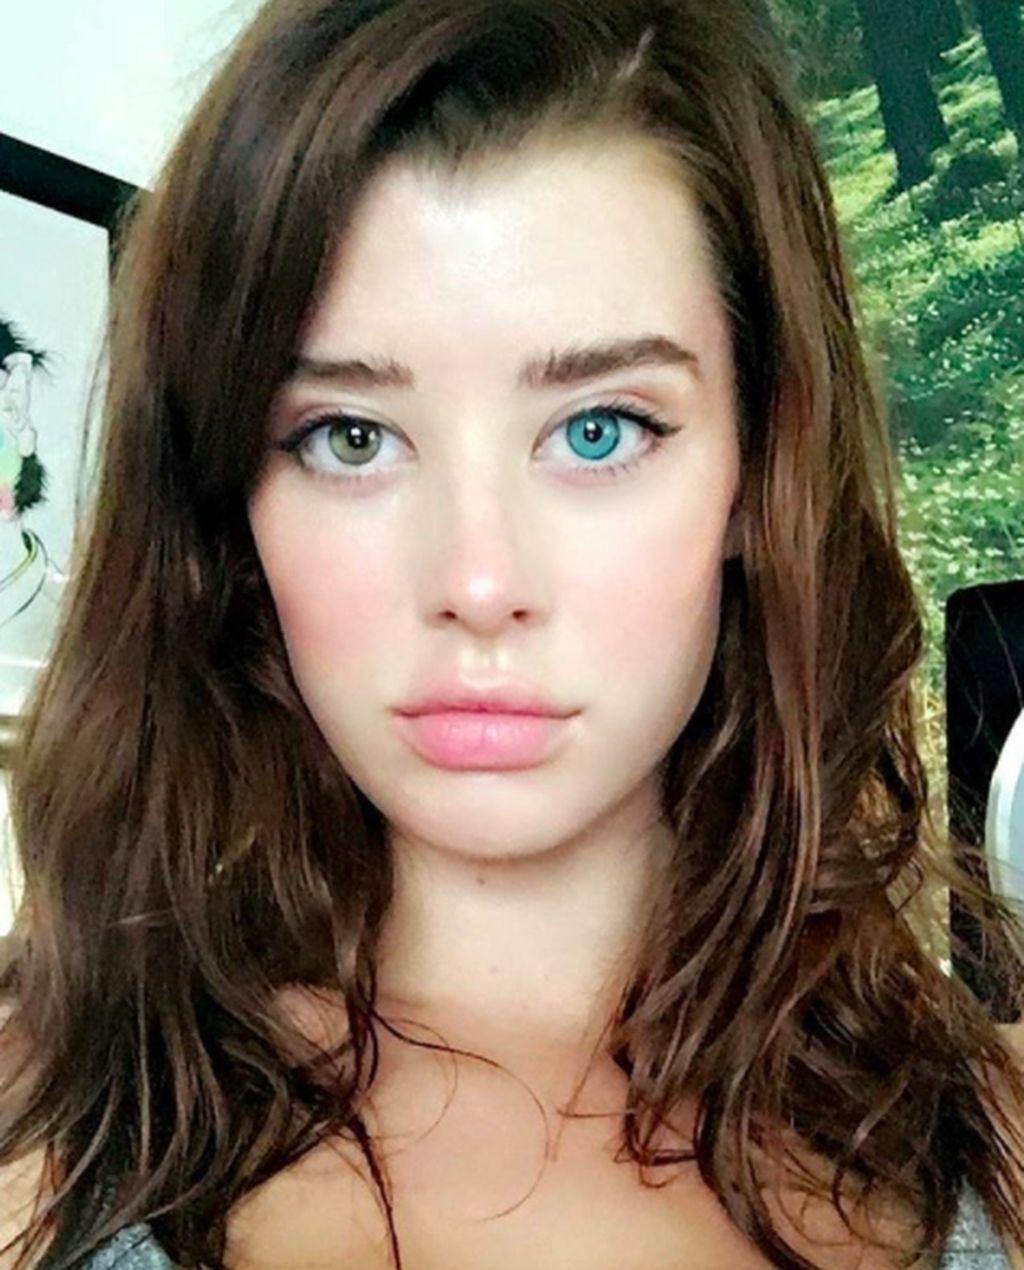 Namanya Sarah McDaniel, seorang model Amerika Serikat. Lihat matanya yang berbeda warna, kiri berwarna biru dan kanan warnanya kecoklatan. Foto: Instagram